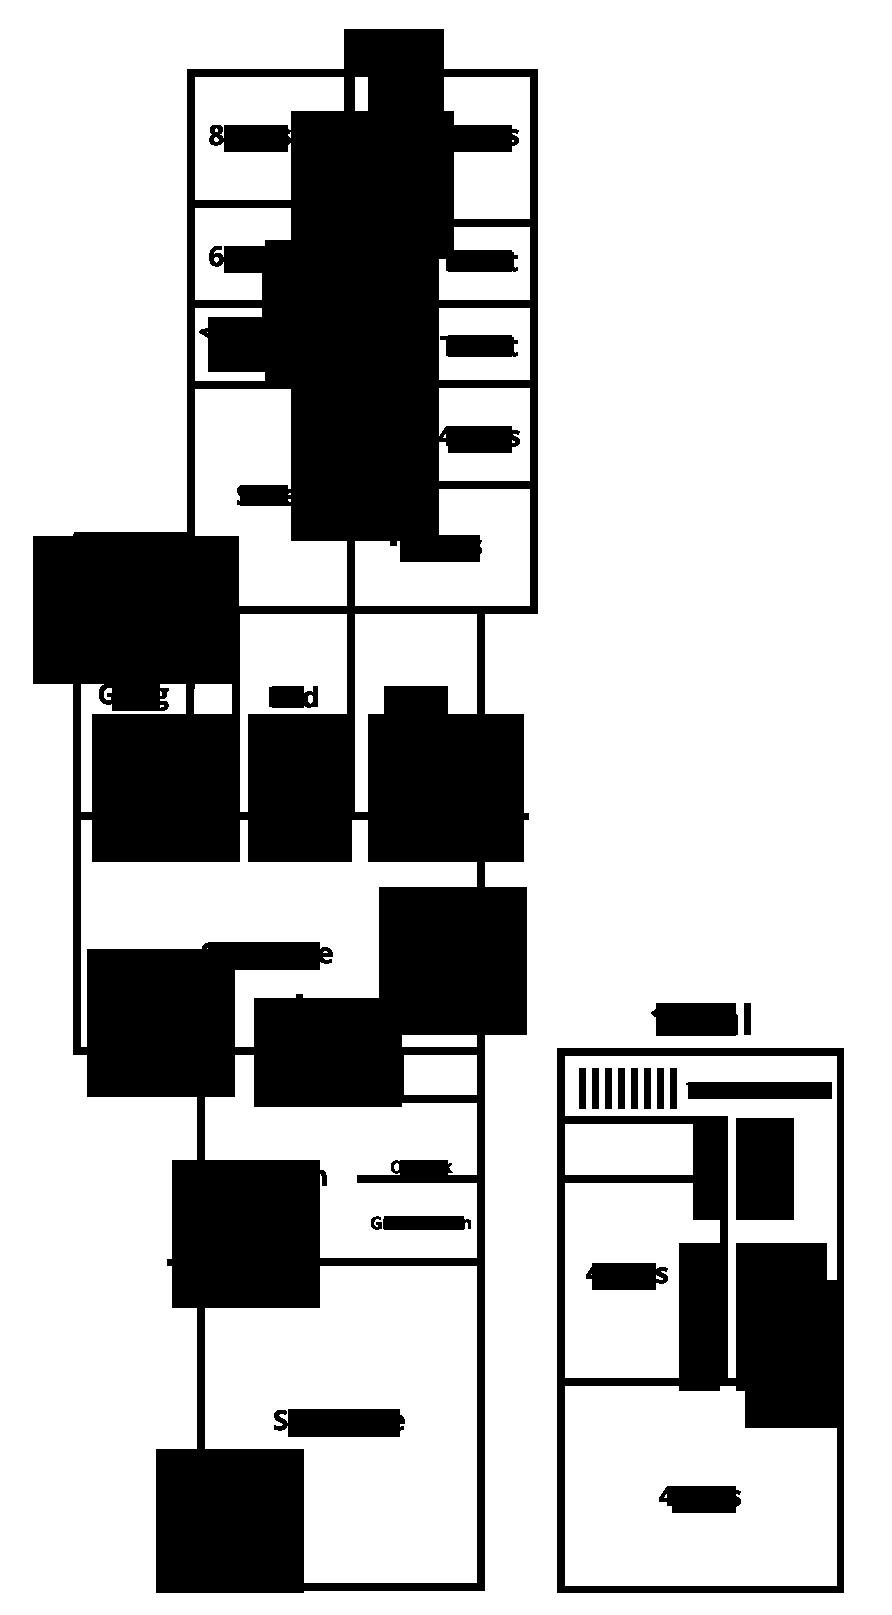 birkely-oversigt